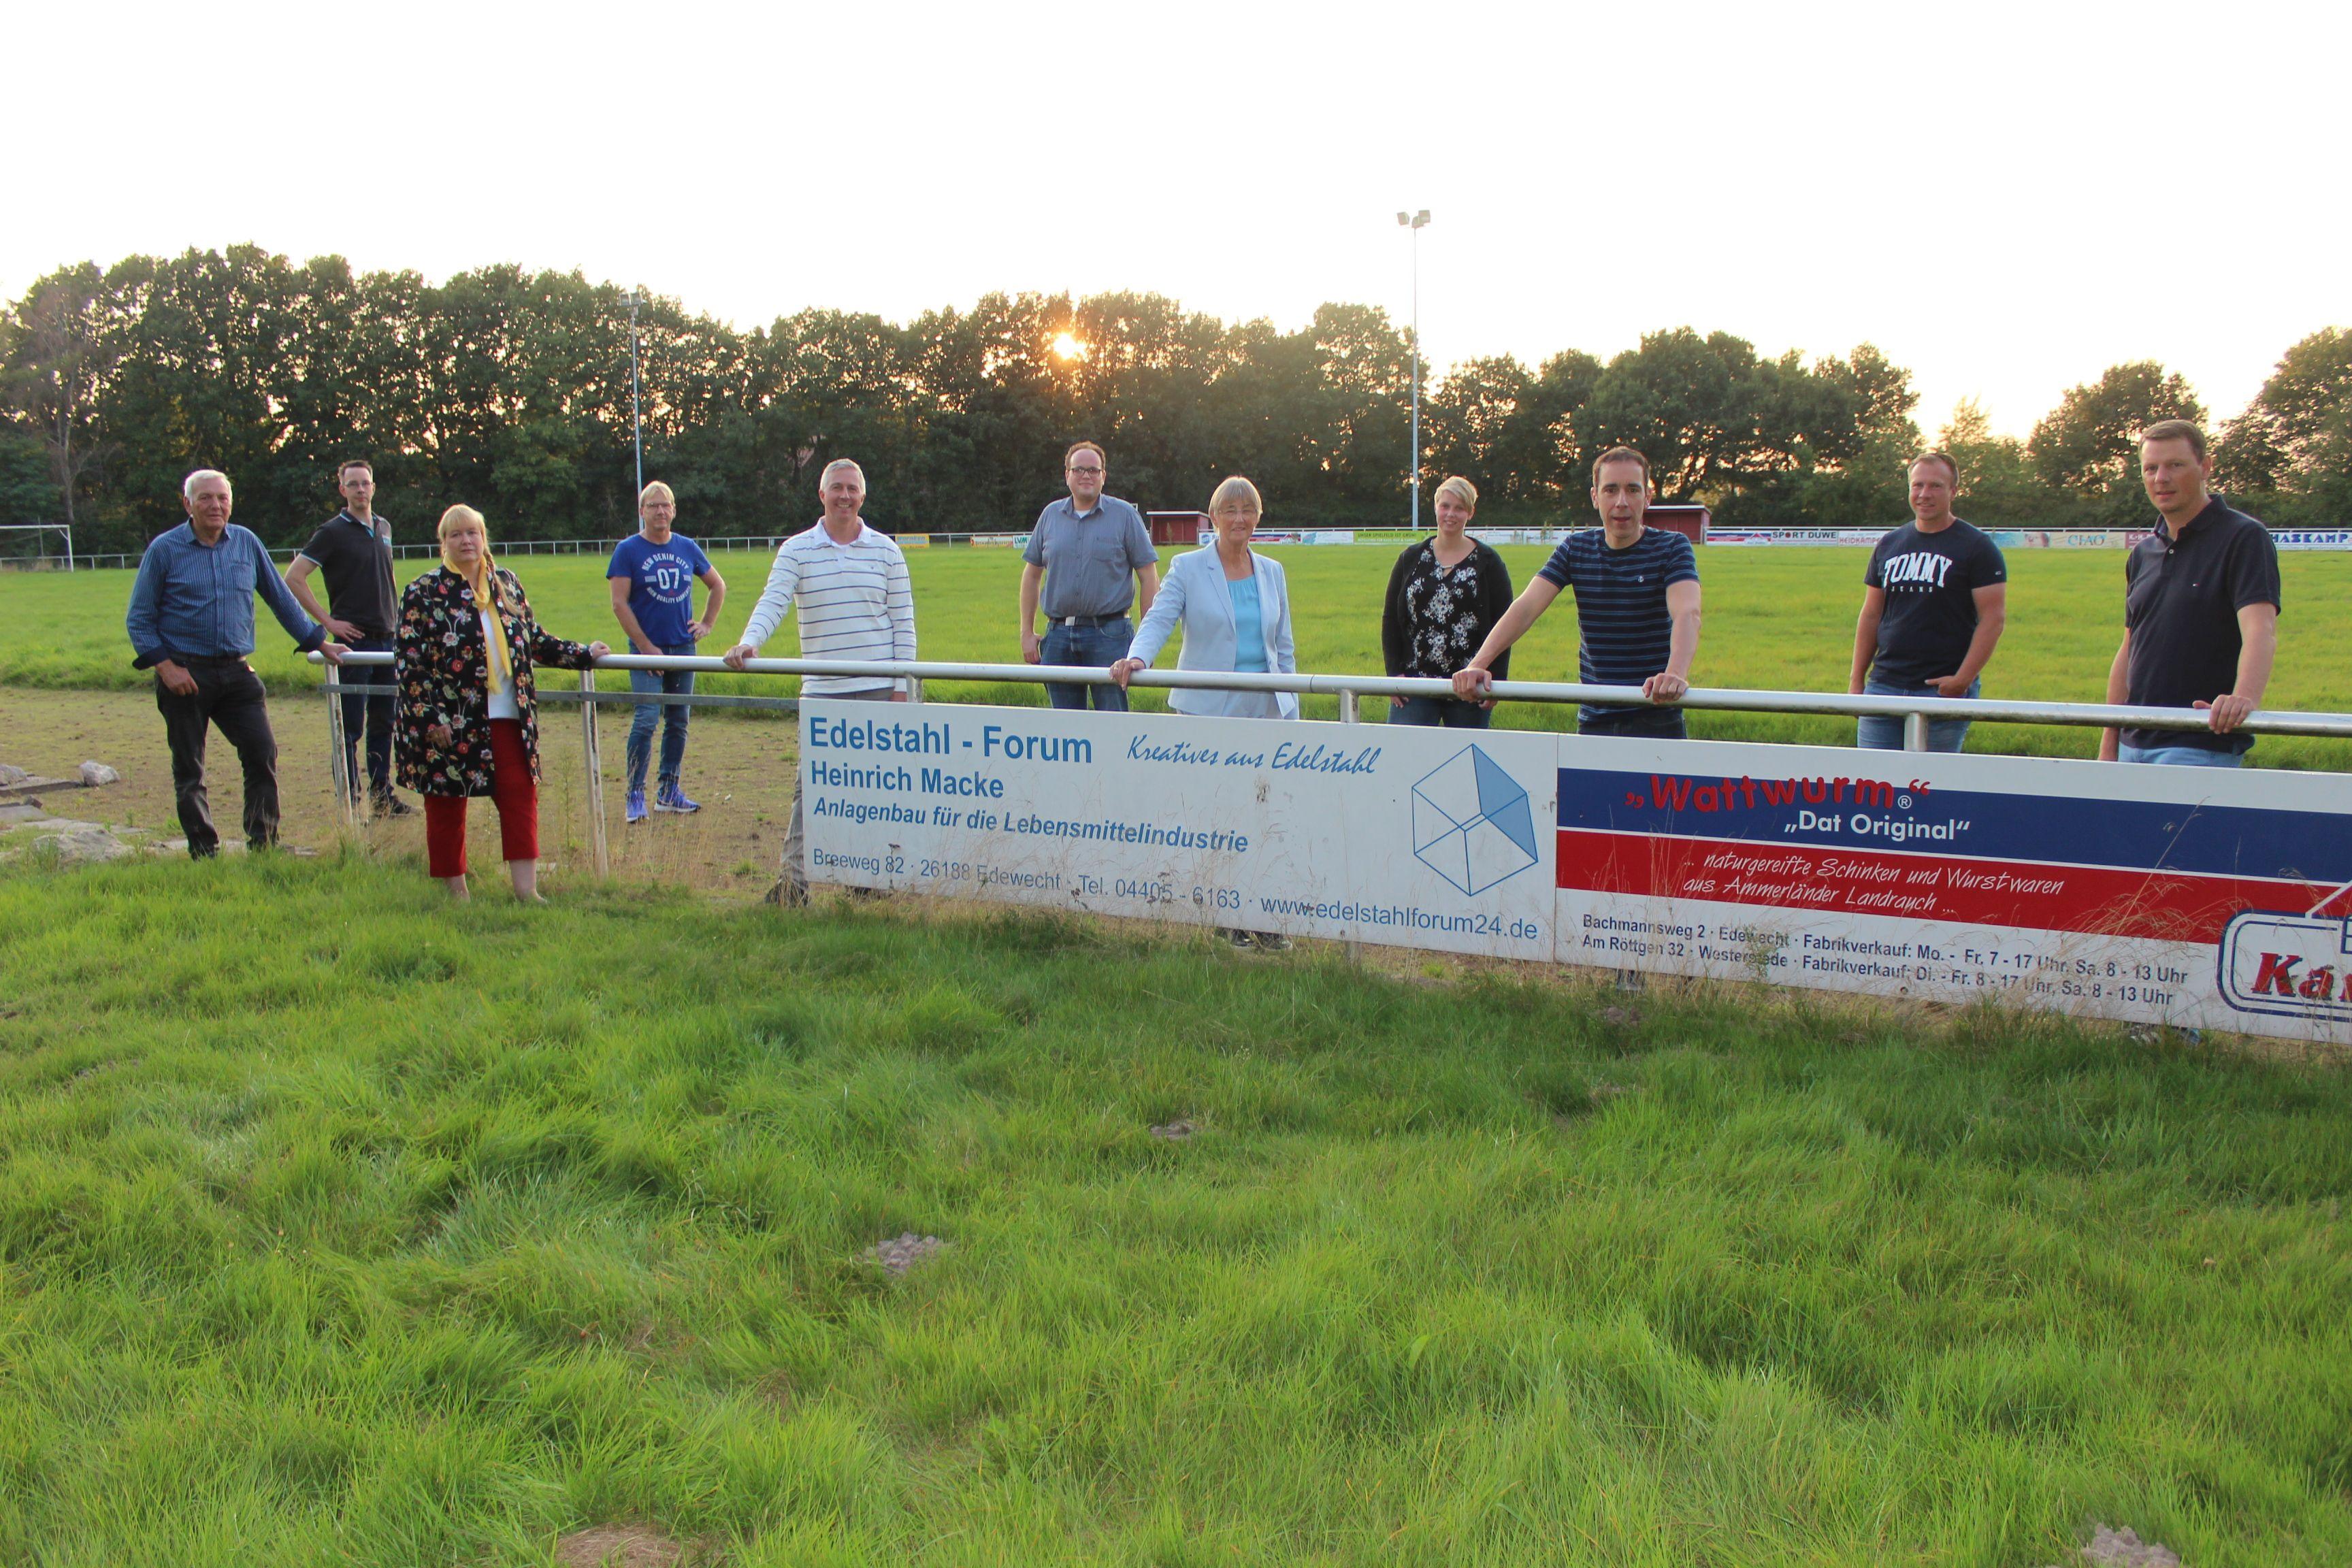 Mitglieder der CDU-Fraktion beim alten Stadion